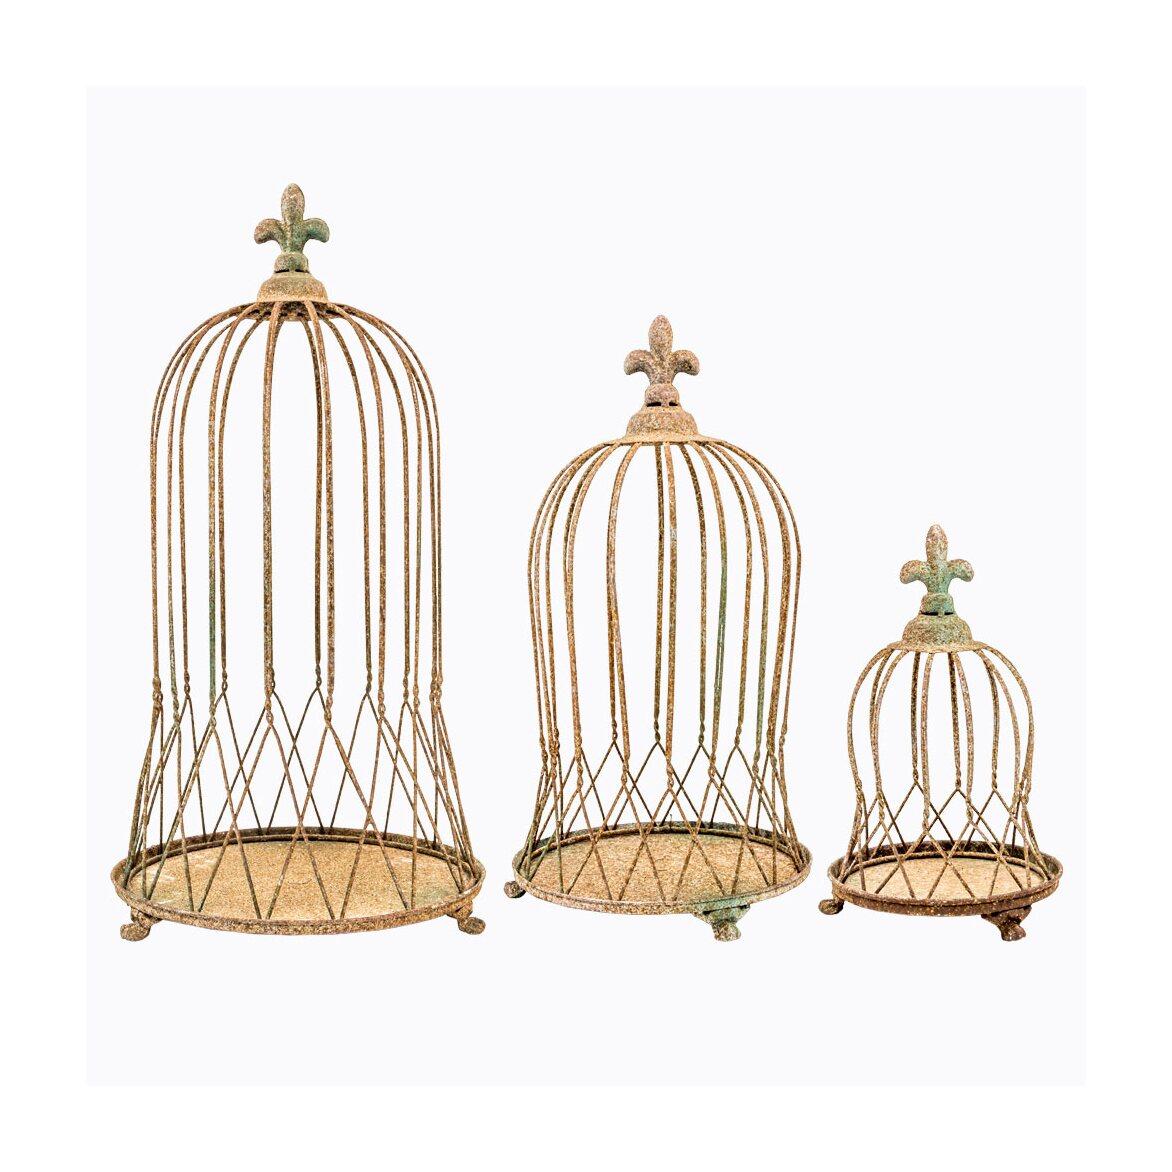 Декоративная клетка «Королевская лилия», версия L 2   Декор Kingsby